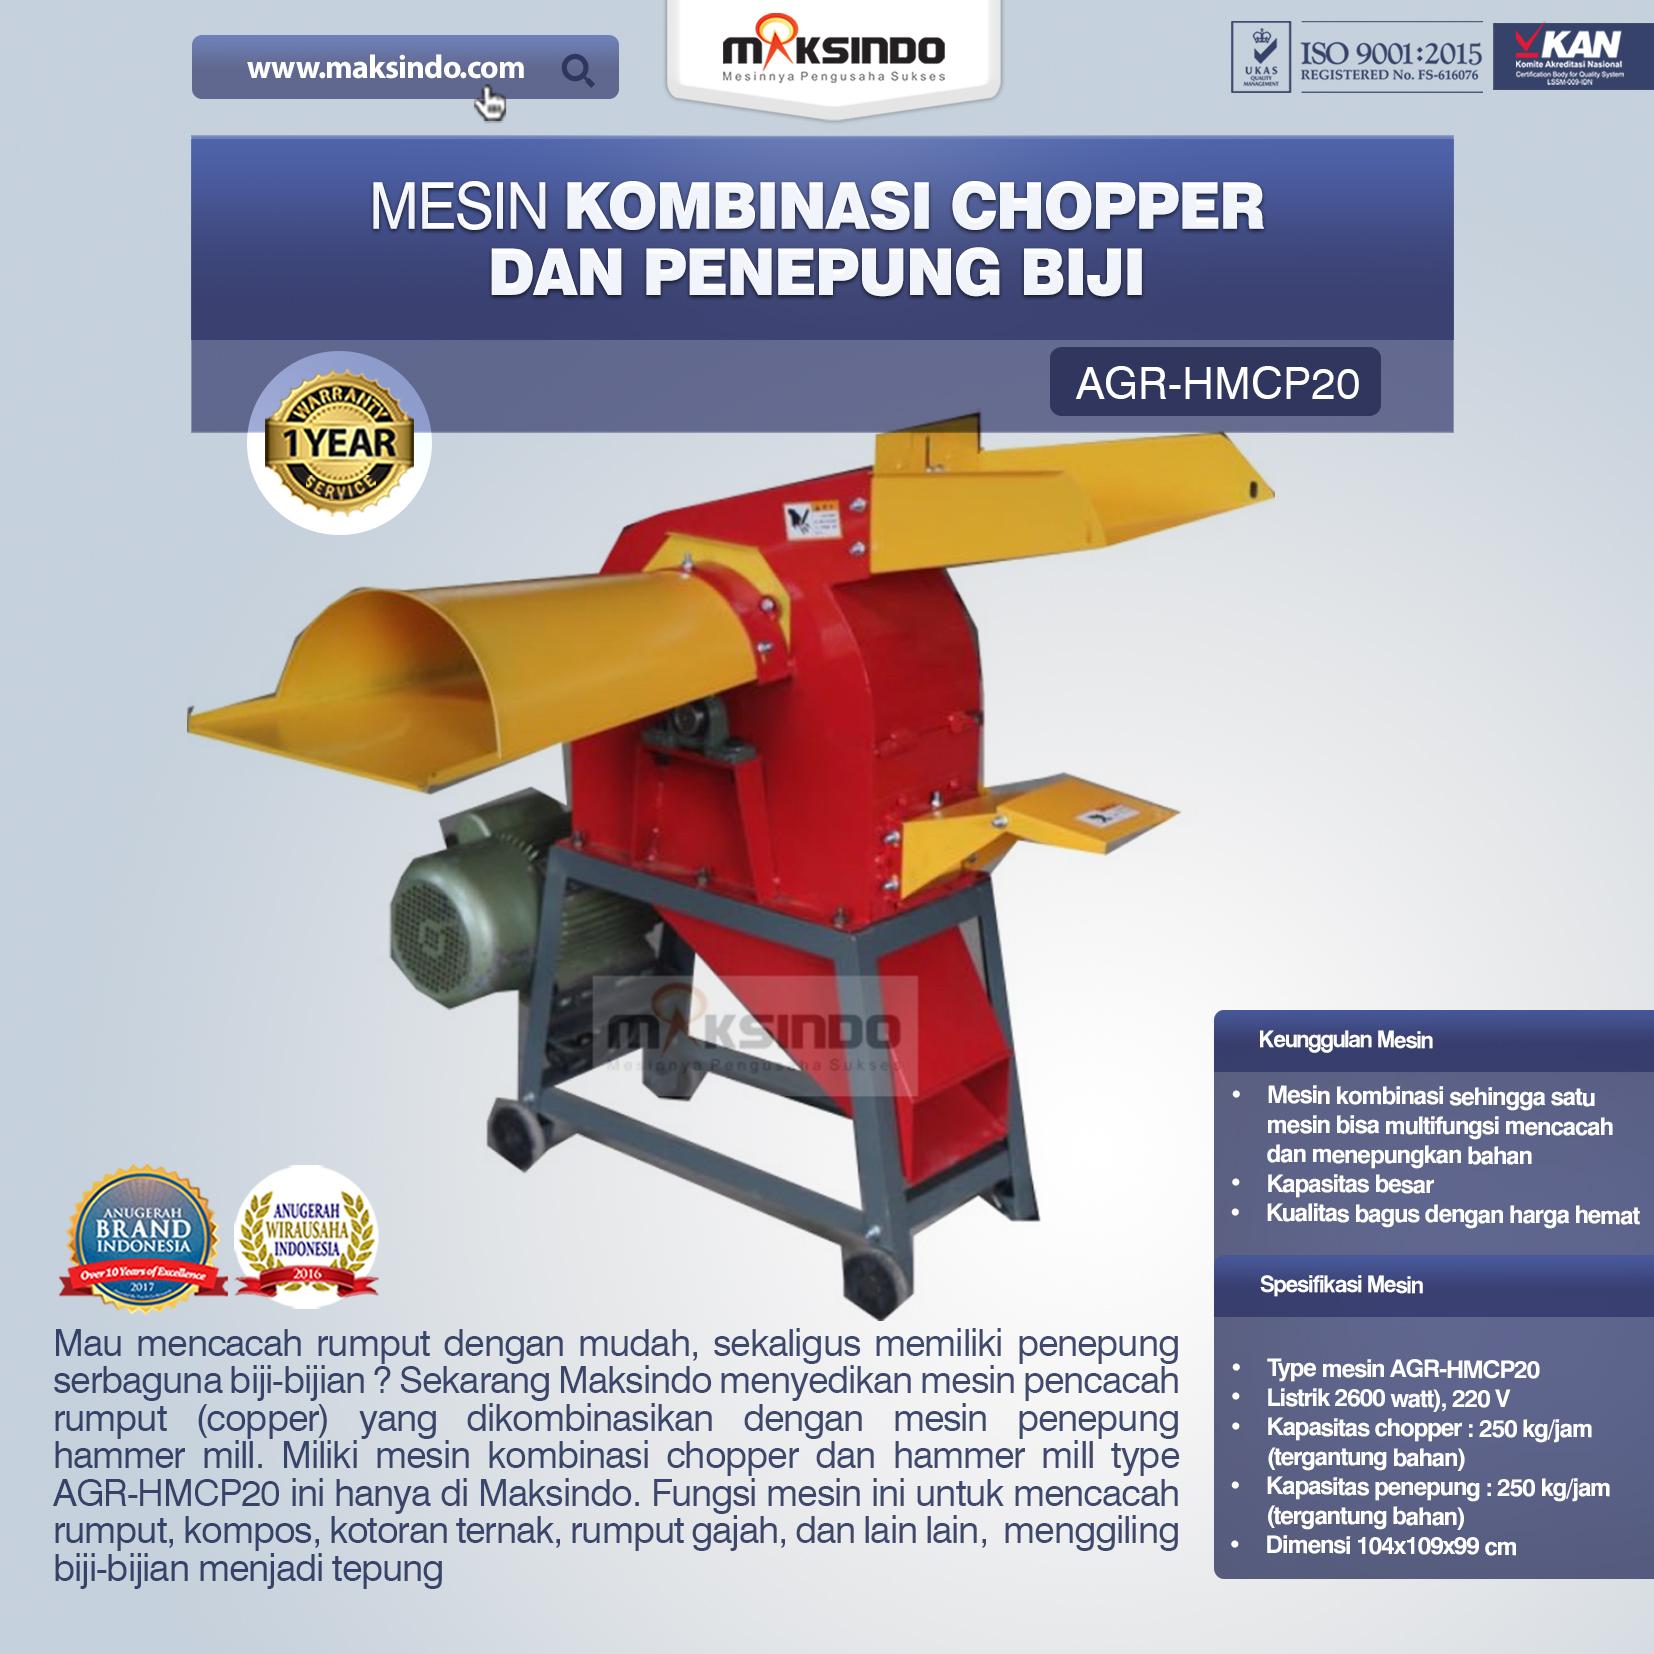 Jual Mesin Kombinasi Chopper dan Penepung Biji (HMCP20) di Malang